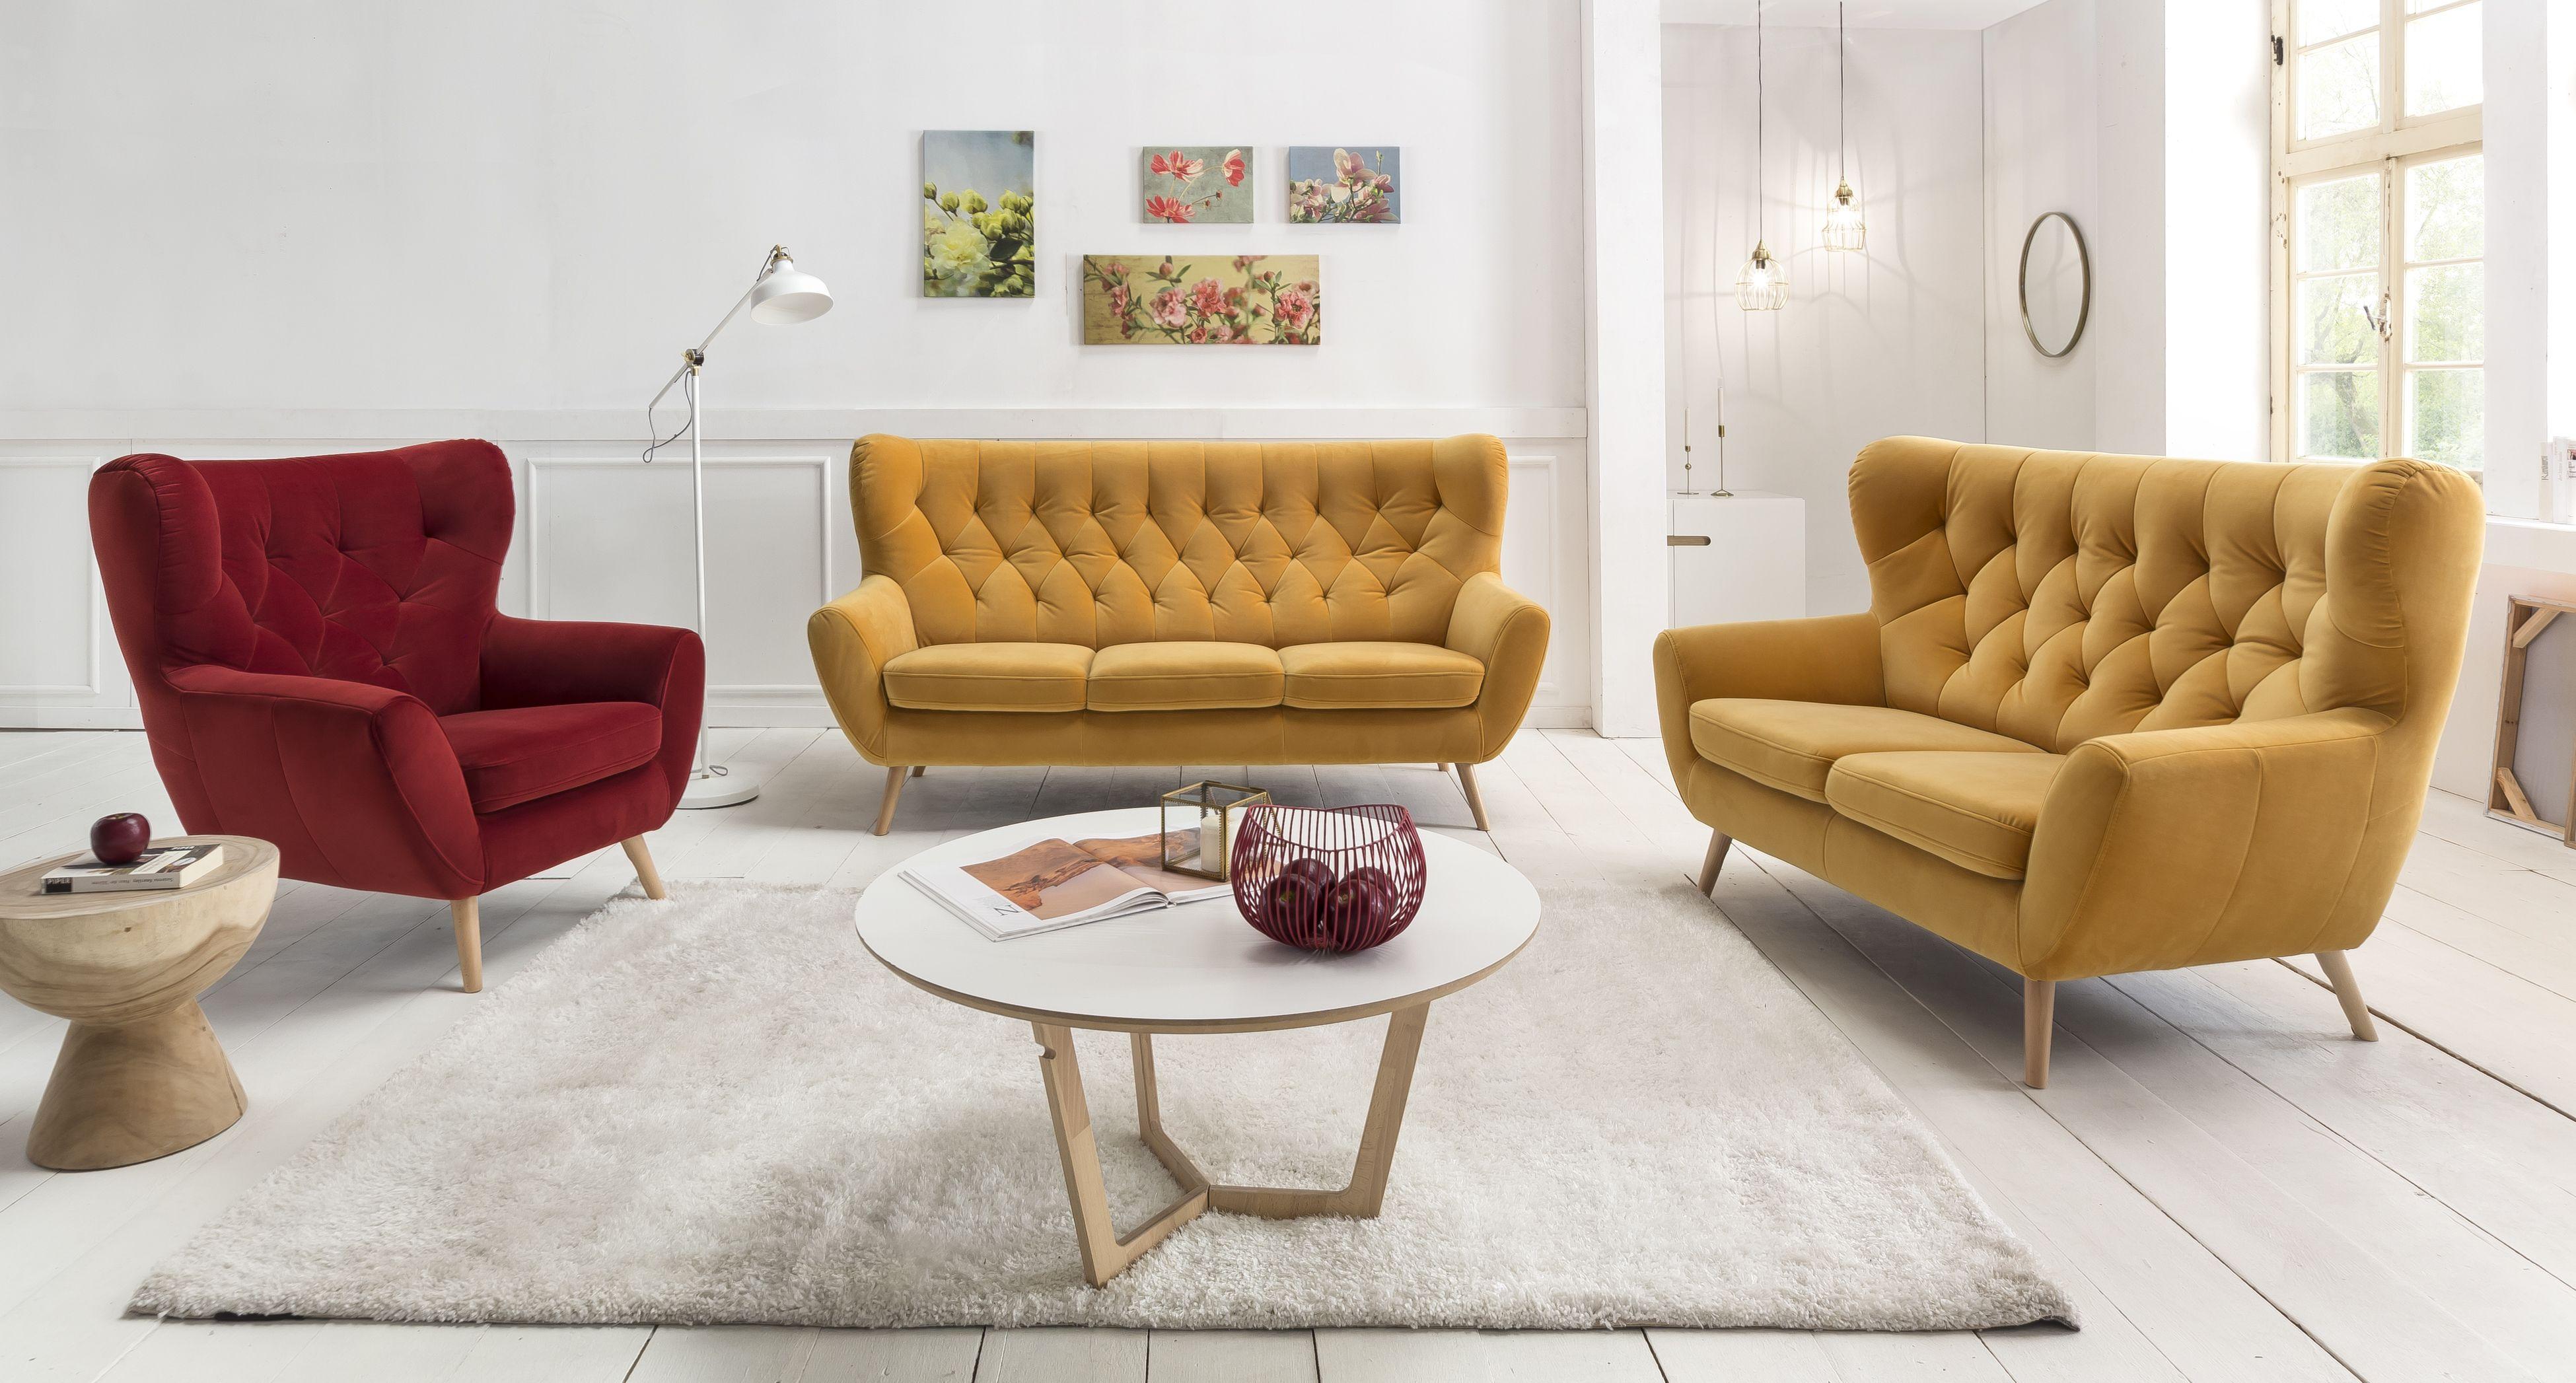 Zestaw Wypoczynkowy Voss Prezentuje Się Pięknie W Każdym Wnętrzu. Dobierz  Fotel W Kontrastowym Kolorze Do